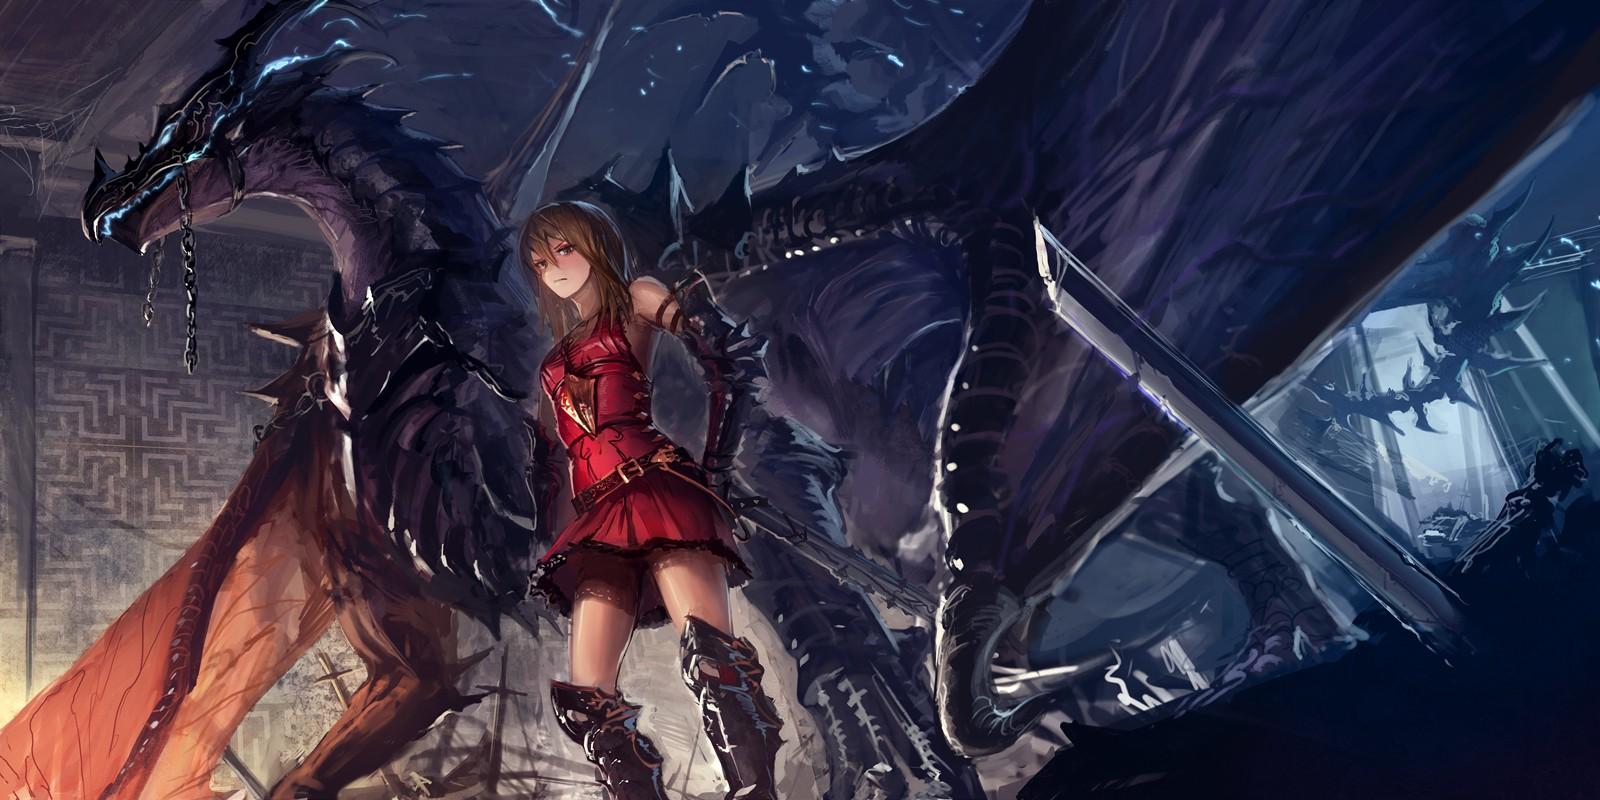 Anime Dragon Wallpaper